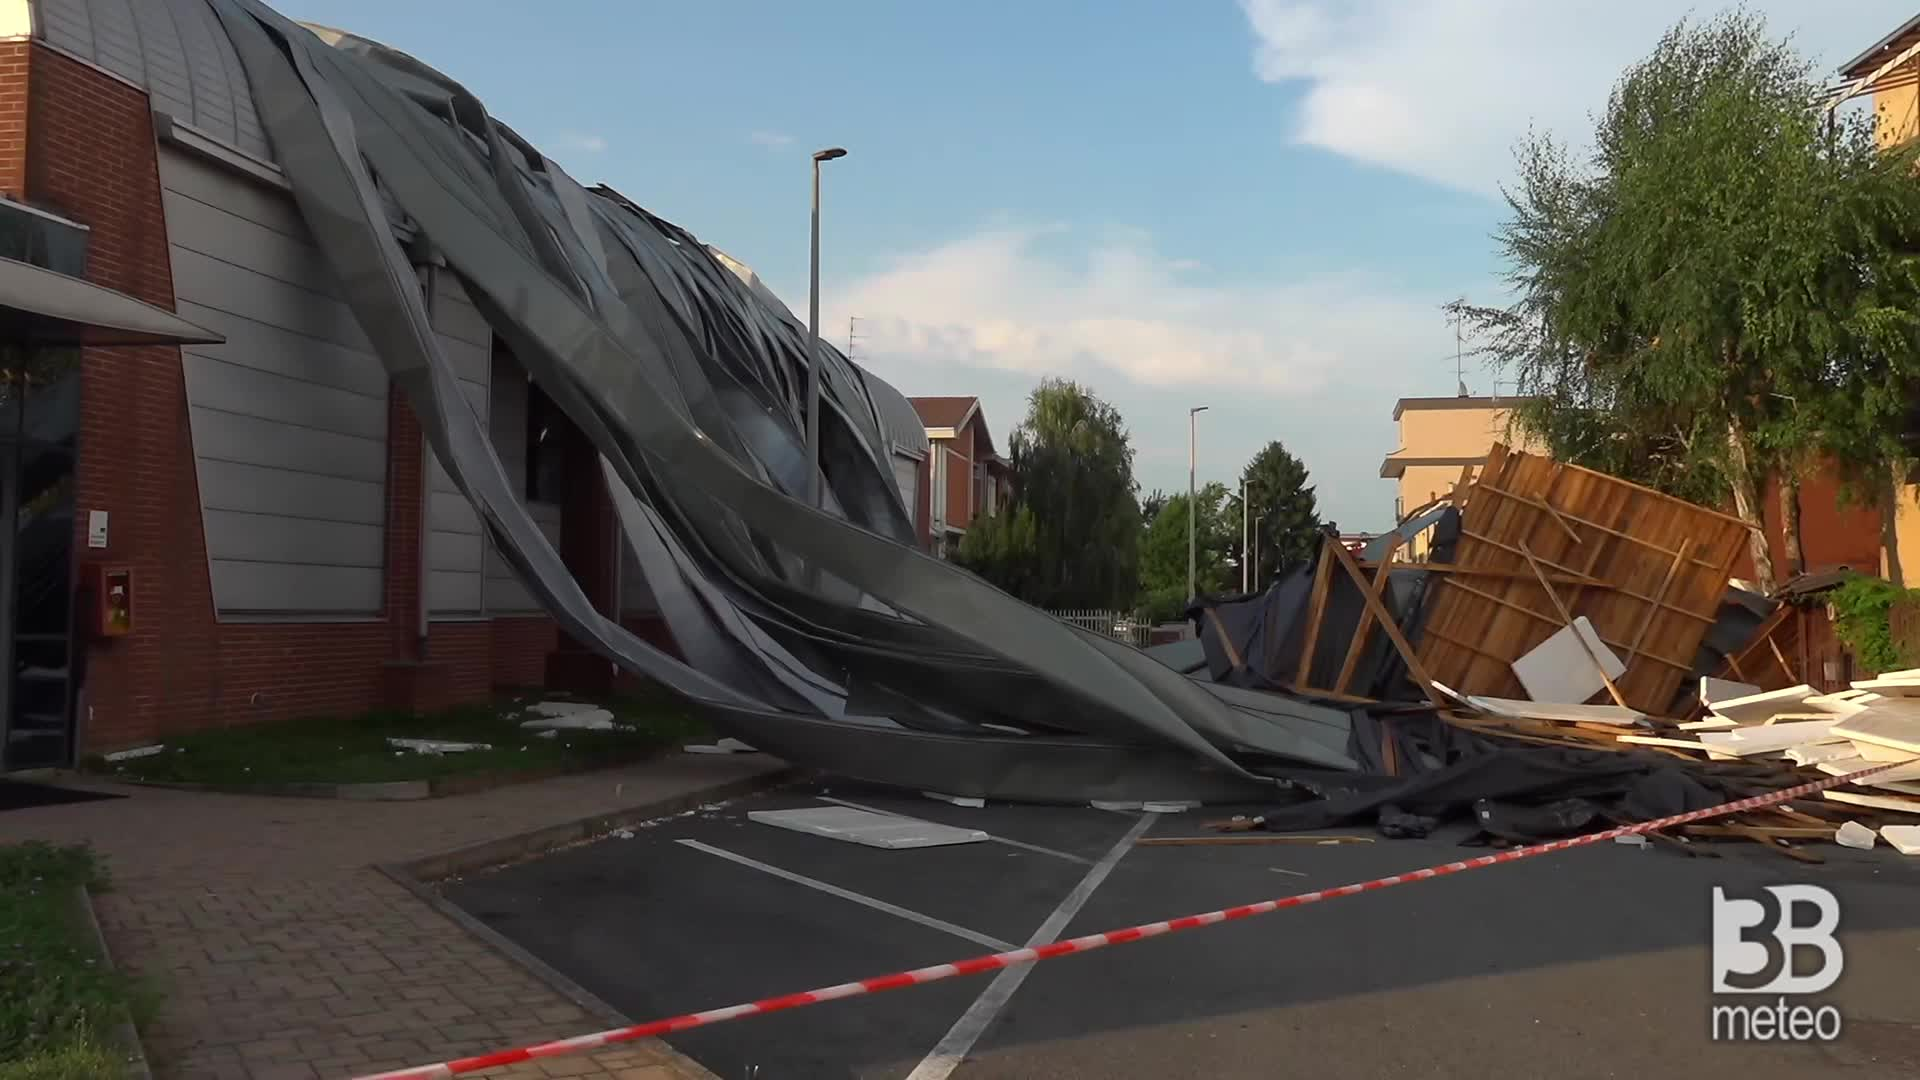 Nubifragio a Vercelli, danni: palestra scoperchiata dal vento